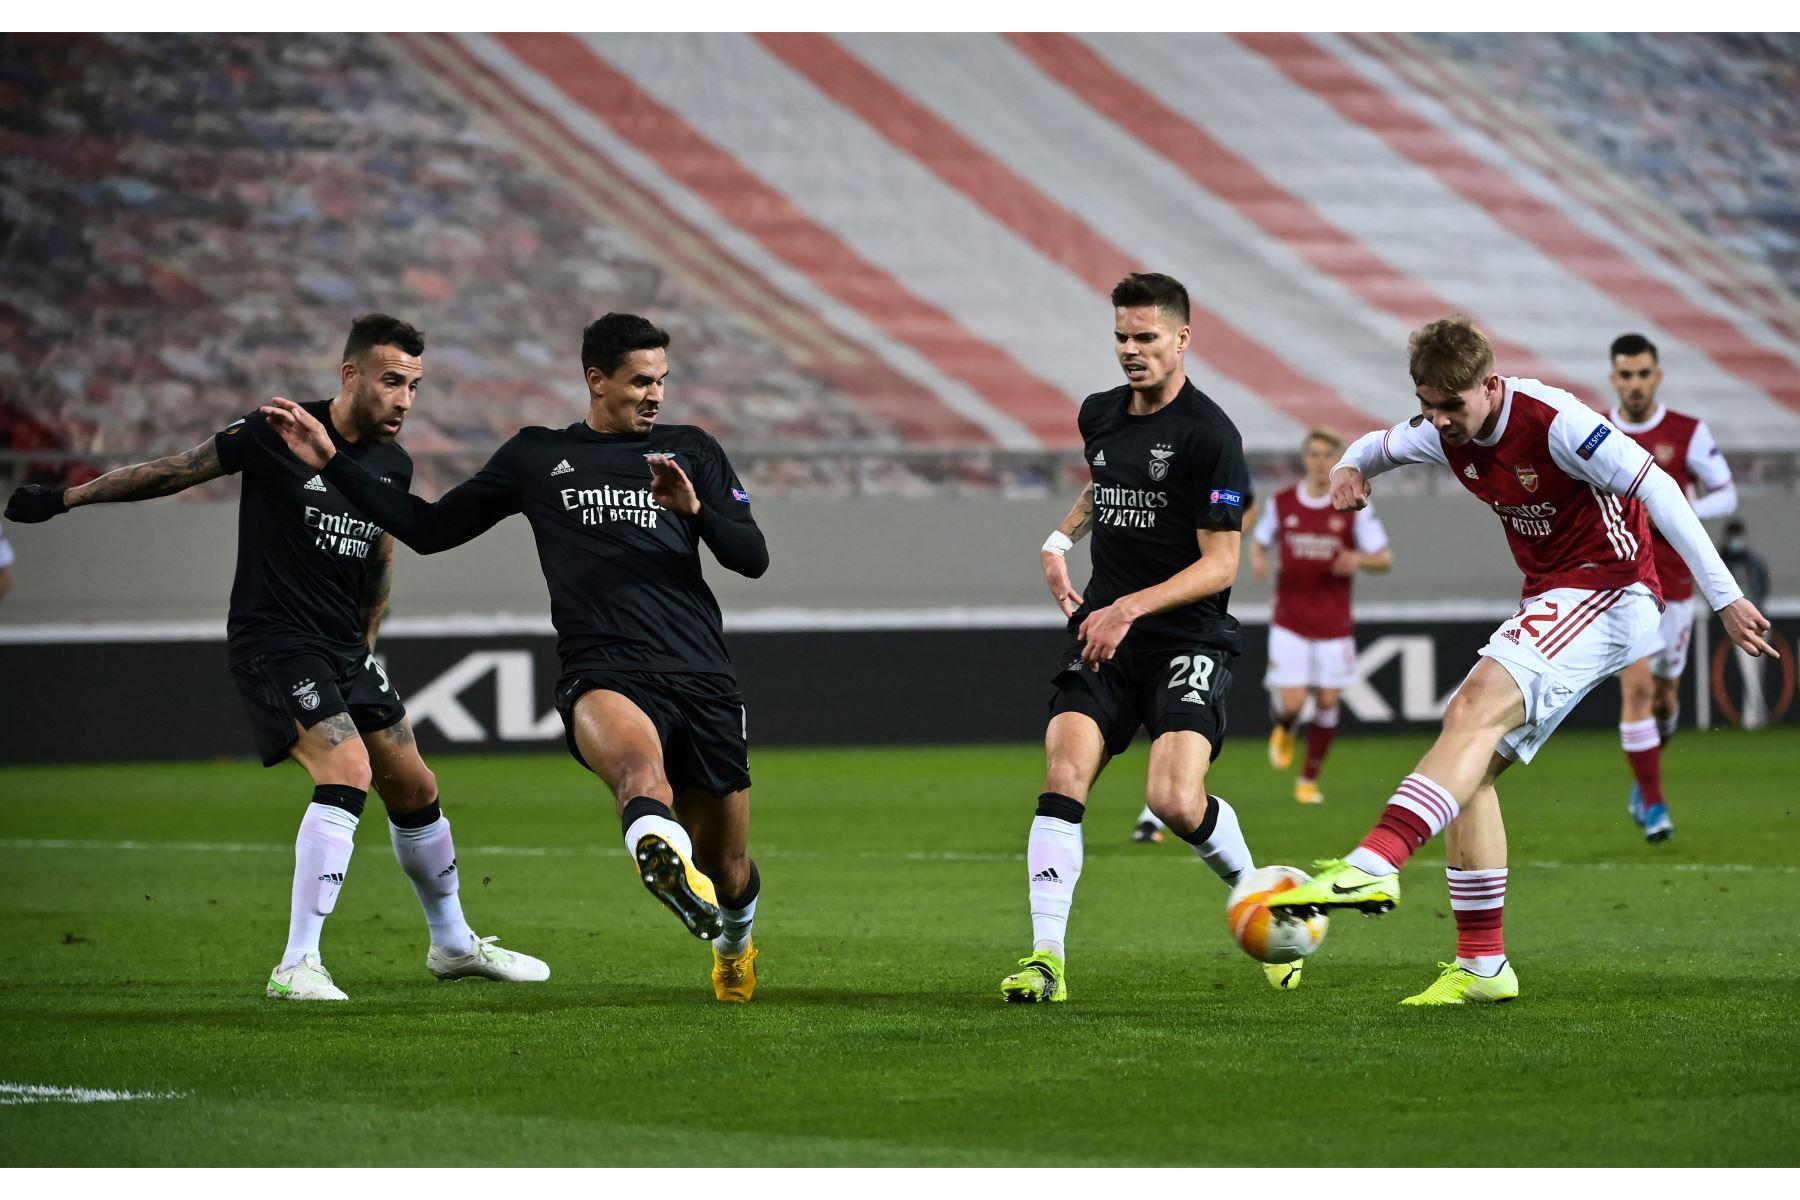 El centrocampista inglés del Arsenal, Emile Smith Rowe, controla el balón durante el partido de fútbol de 32 segundos de la UEFA Europa League. Foto: AFP